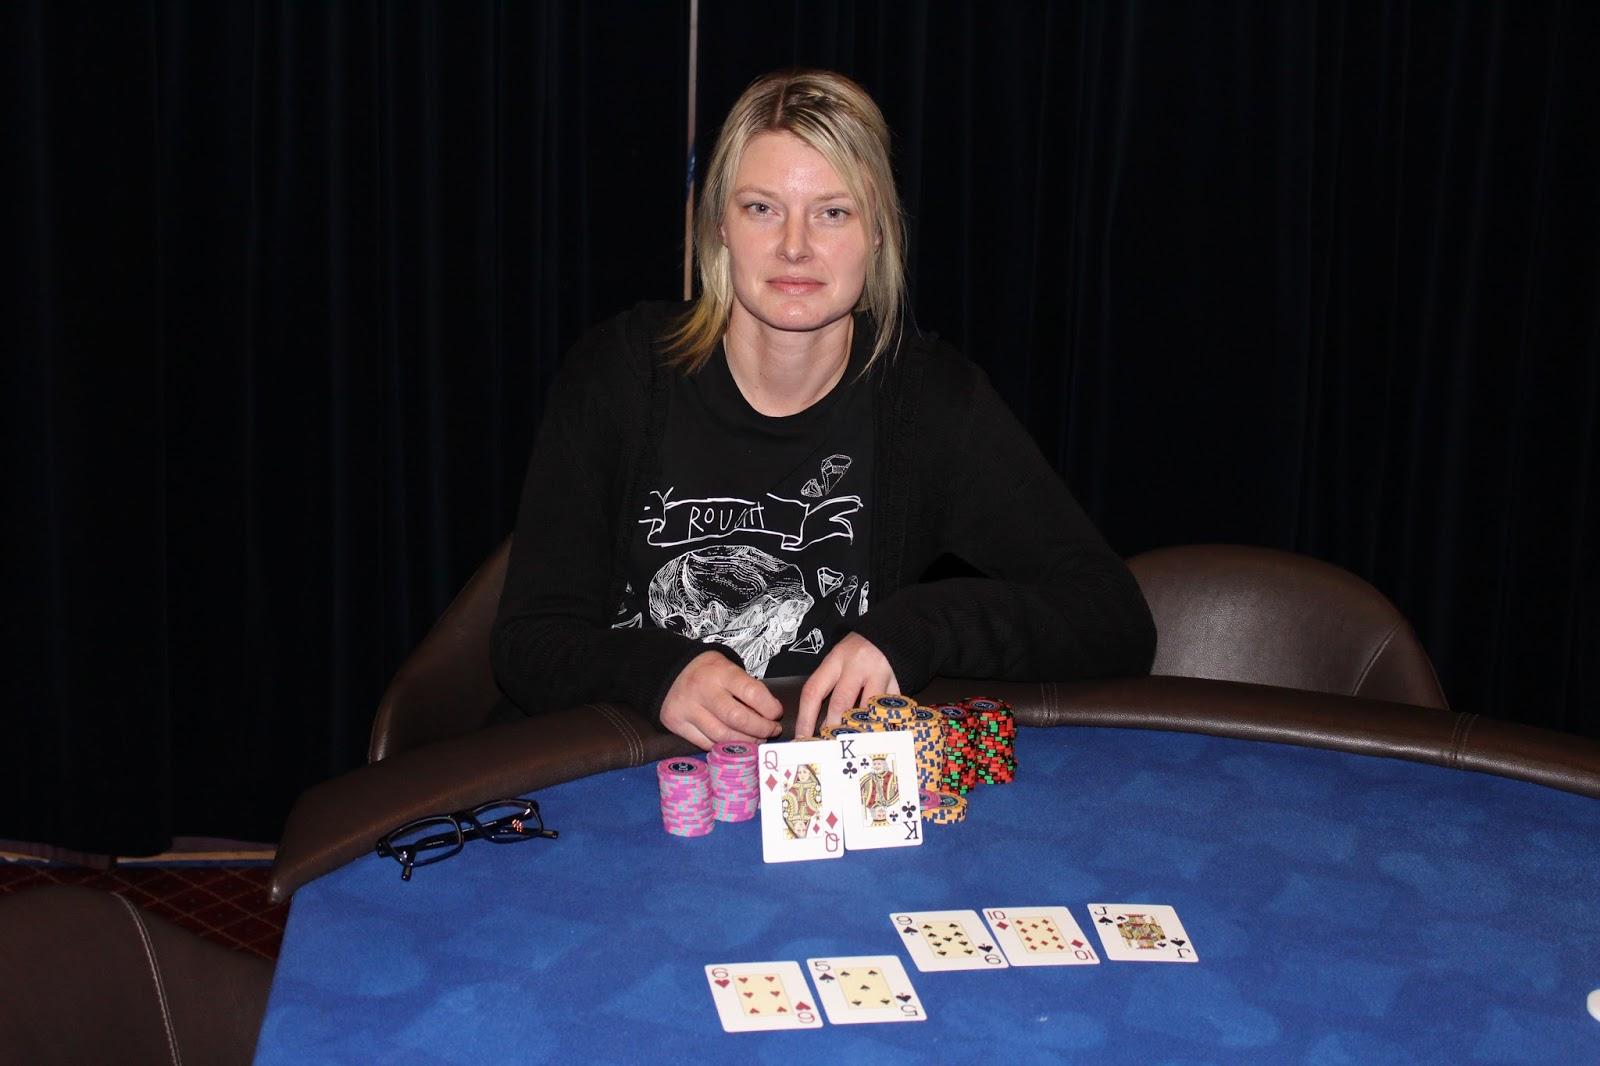 Texas Hold'em Poker Tournament Winner